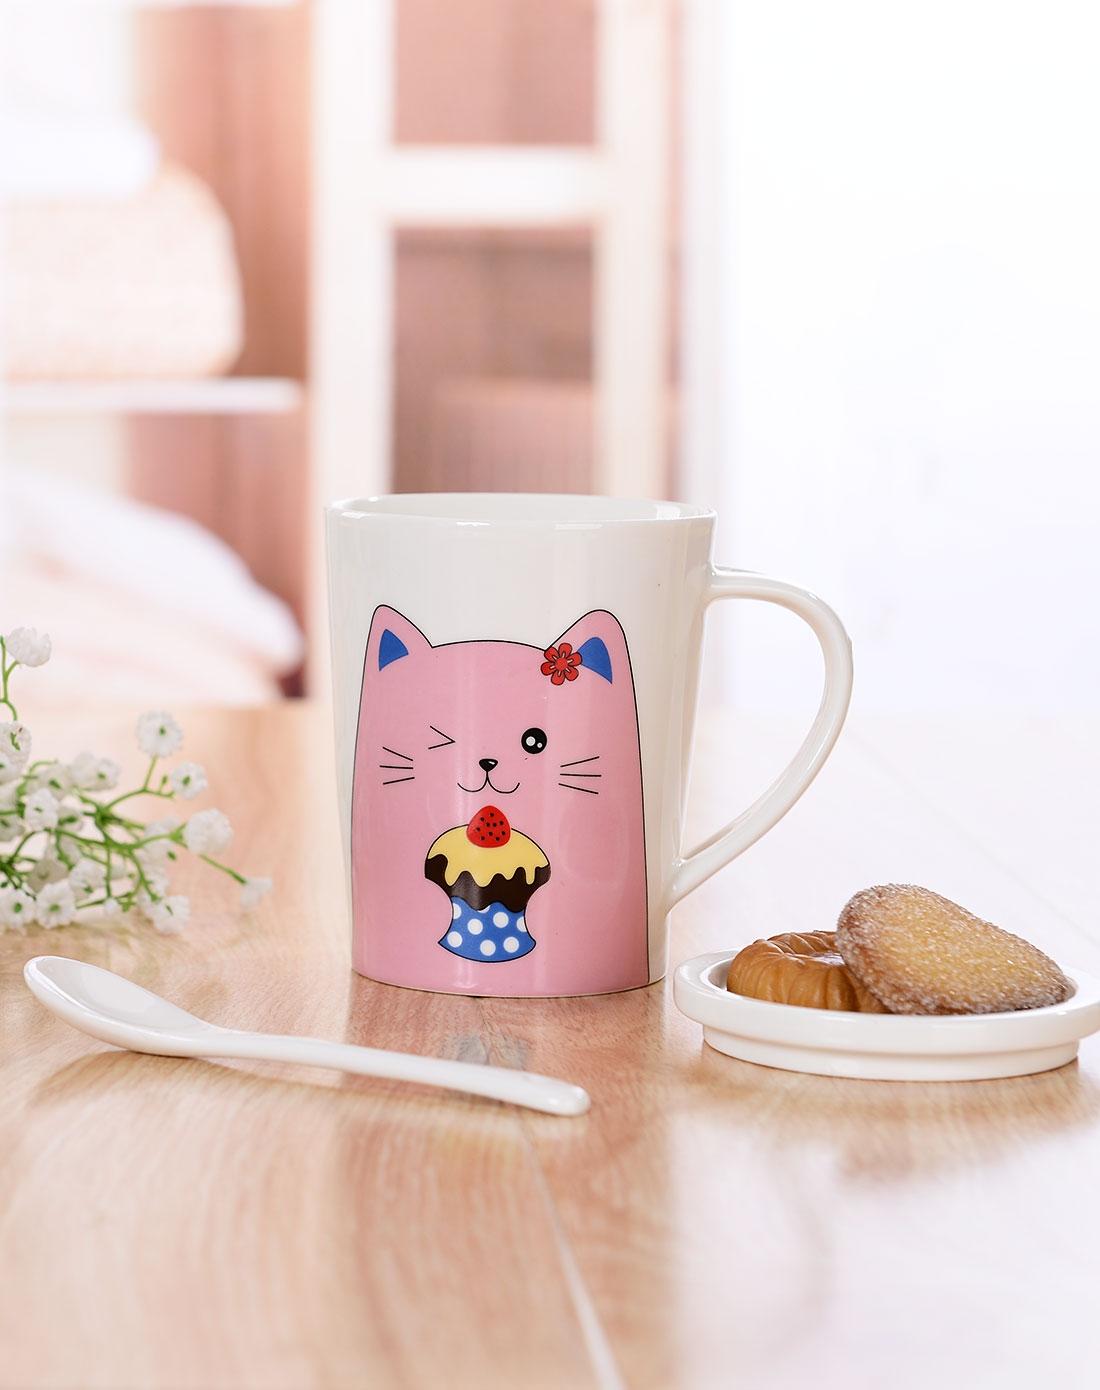 粉色蛋糕猫插办杯